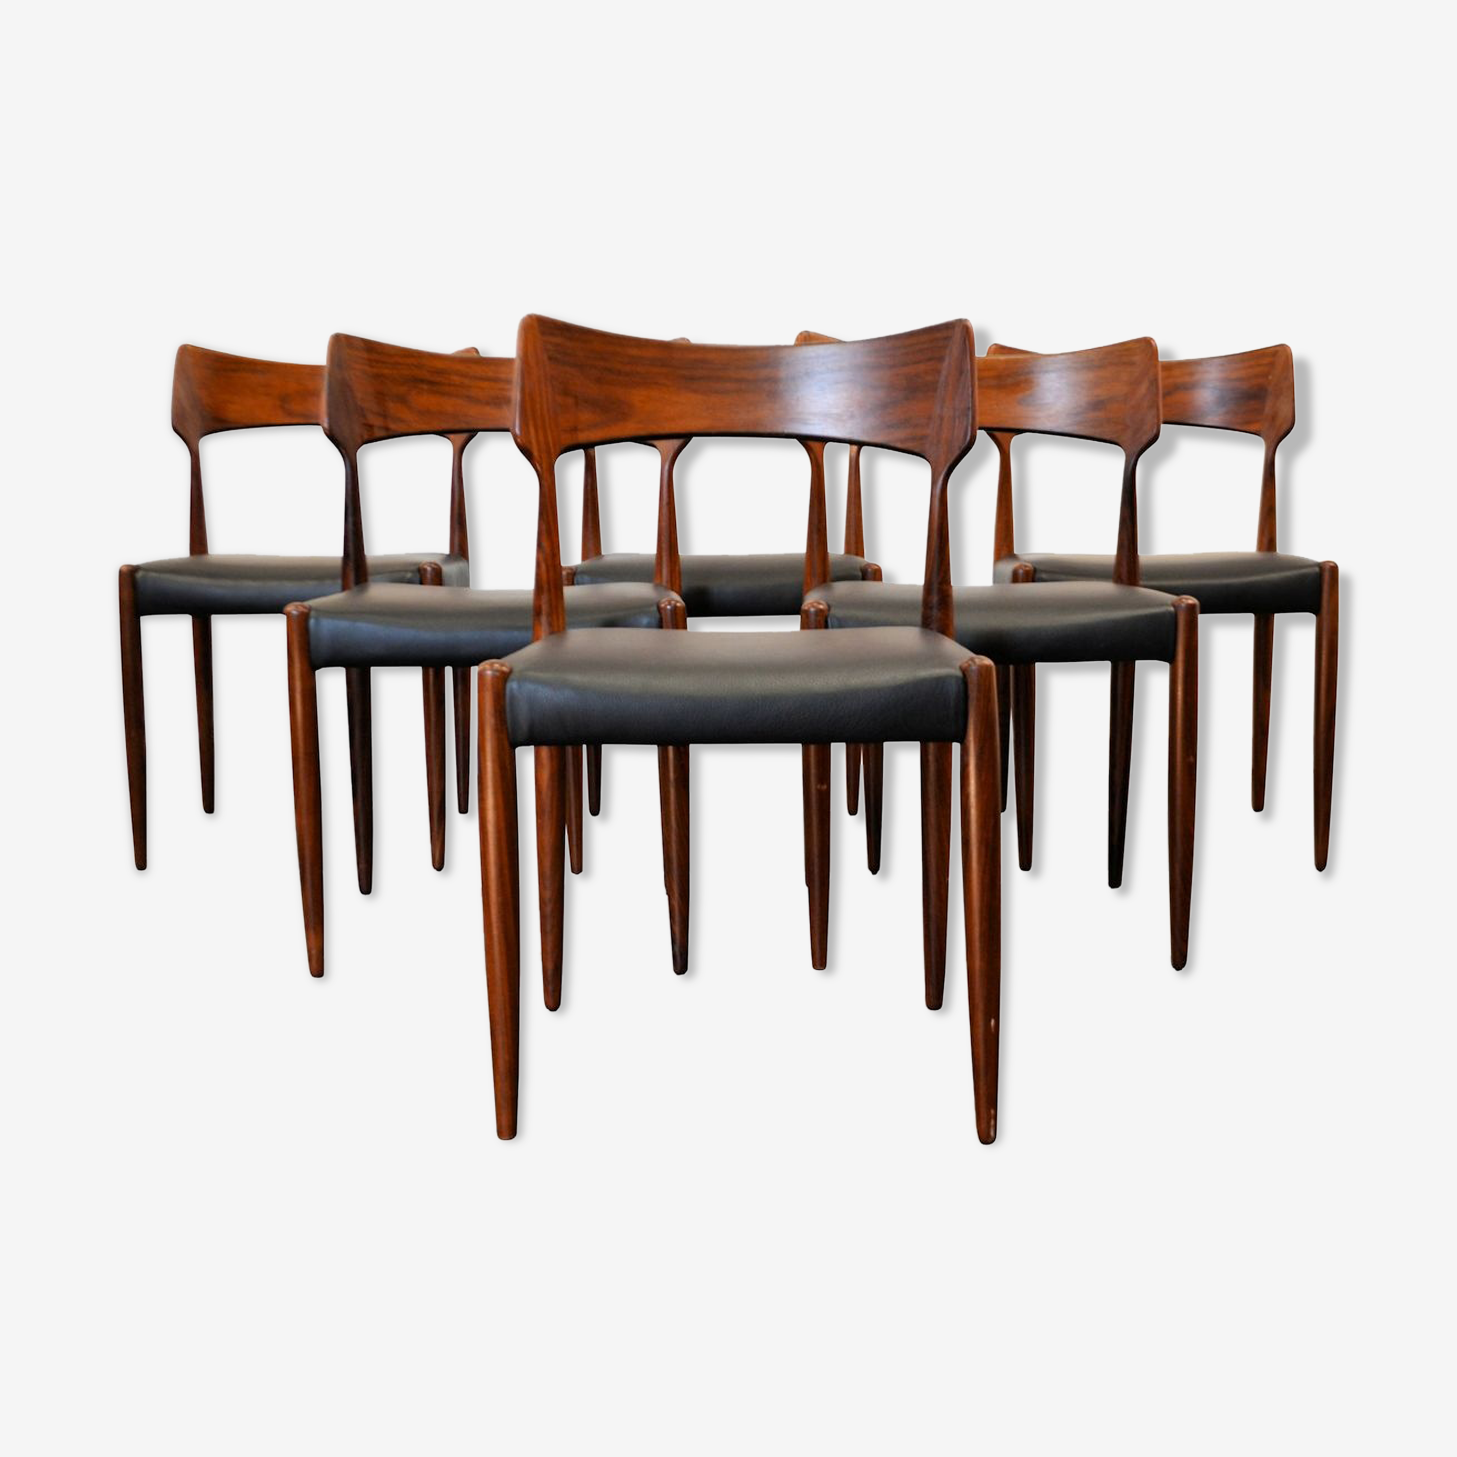 Ensemble de 6 chaises en palissandre vintage Bernard Pedersen